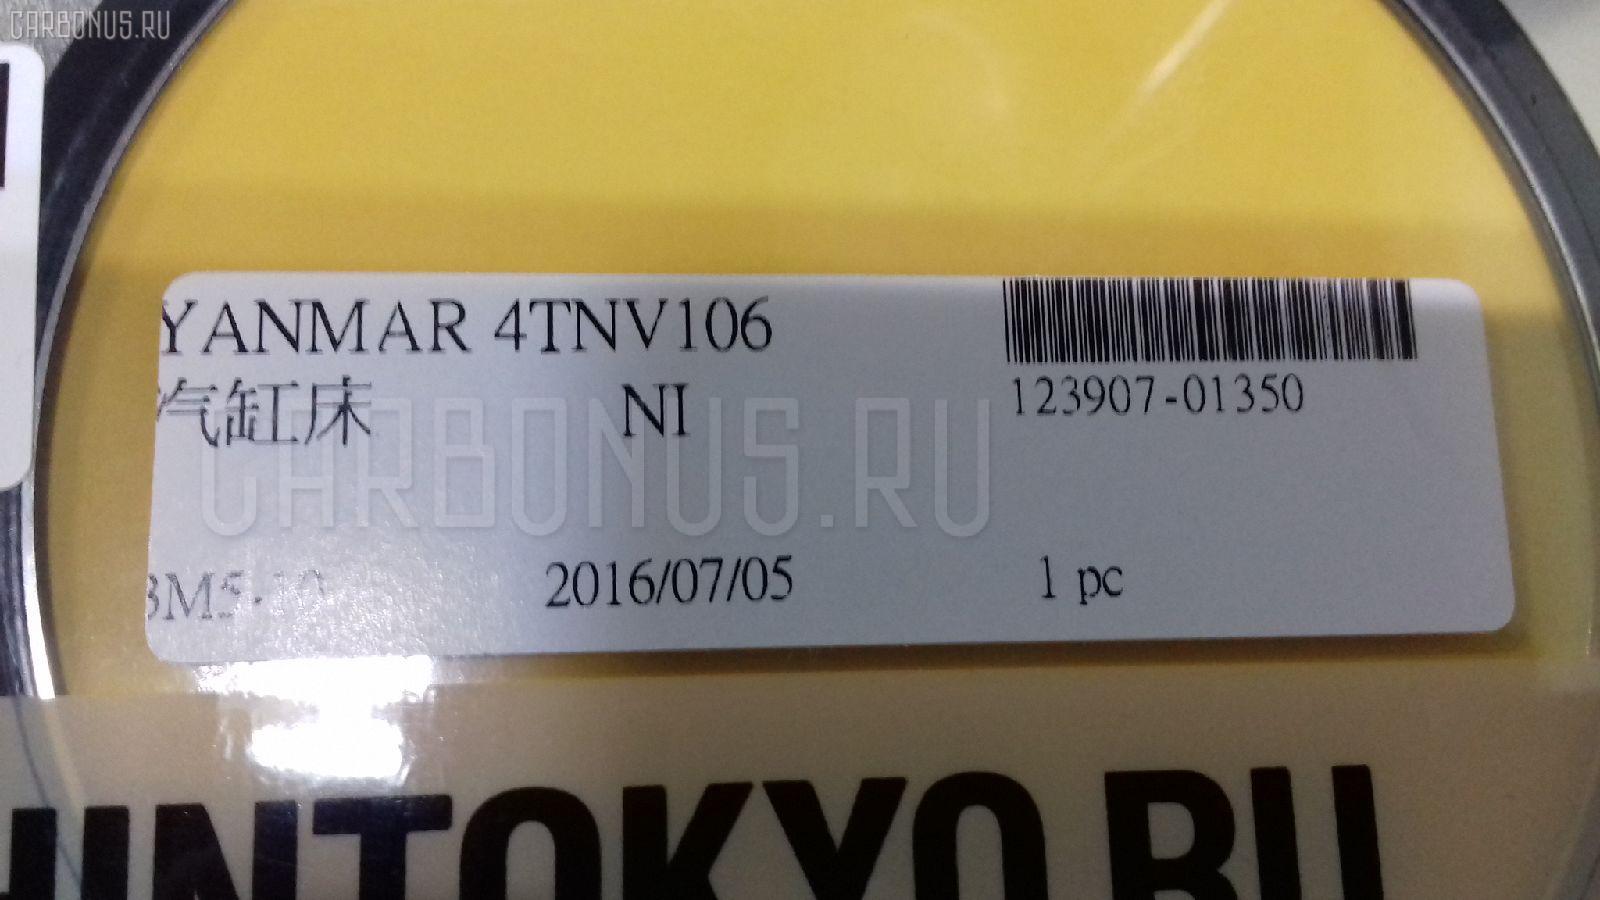 Прокладка под головку ДВС YANMAR 4TNE106T 4TNE106T Фото 1